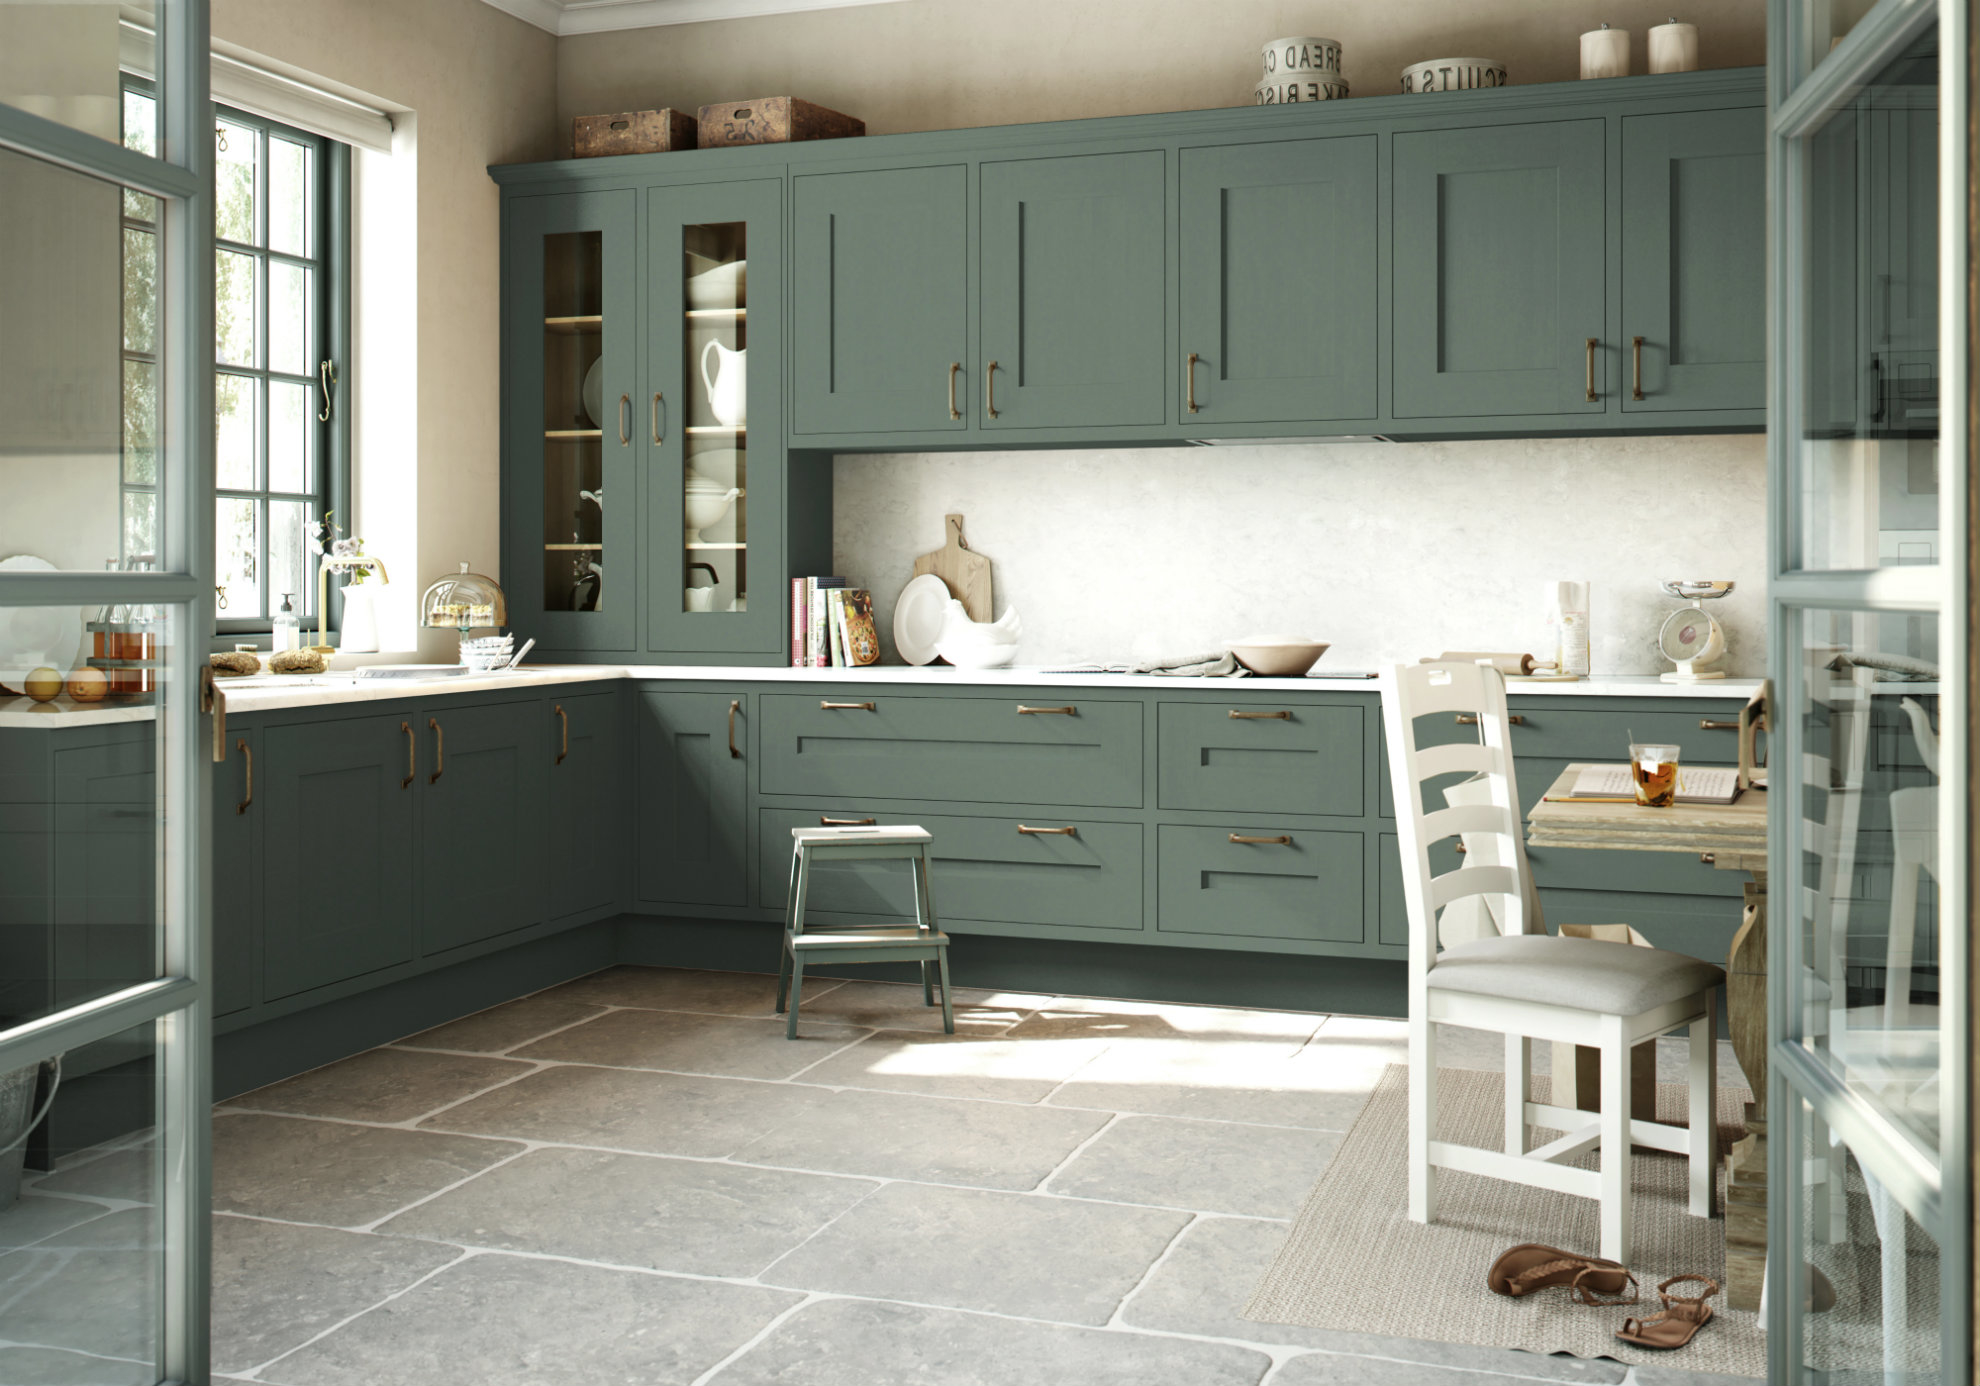 Gawsworth kitchen in green